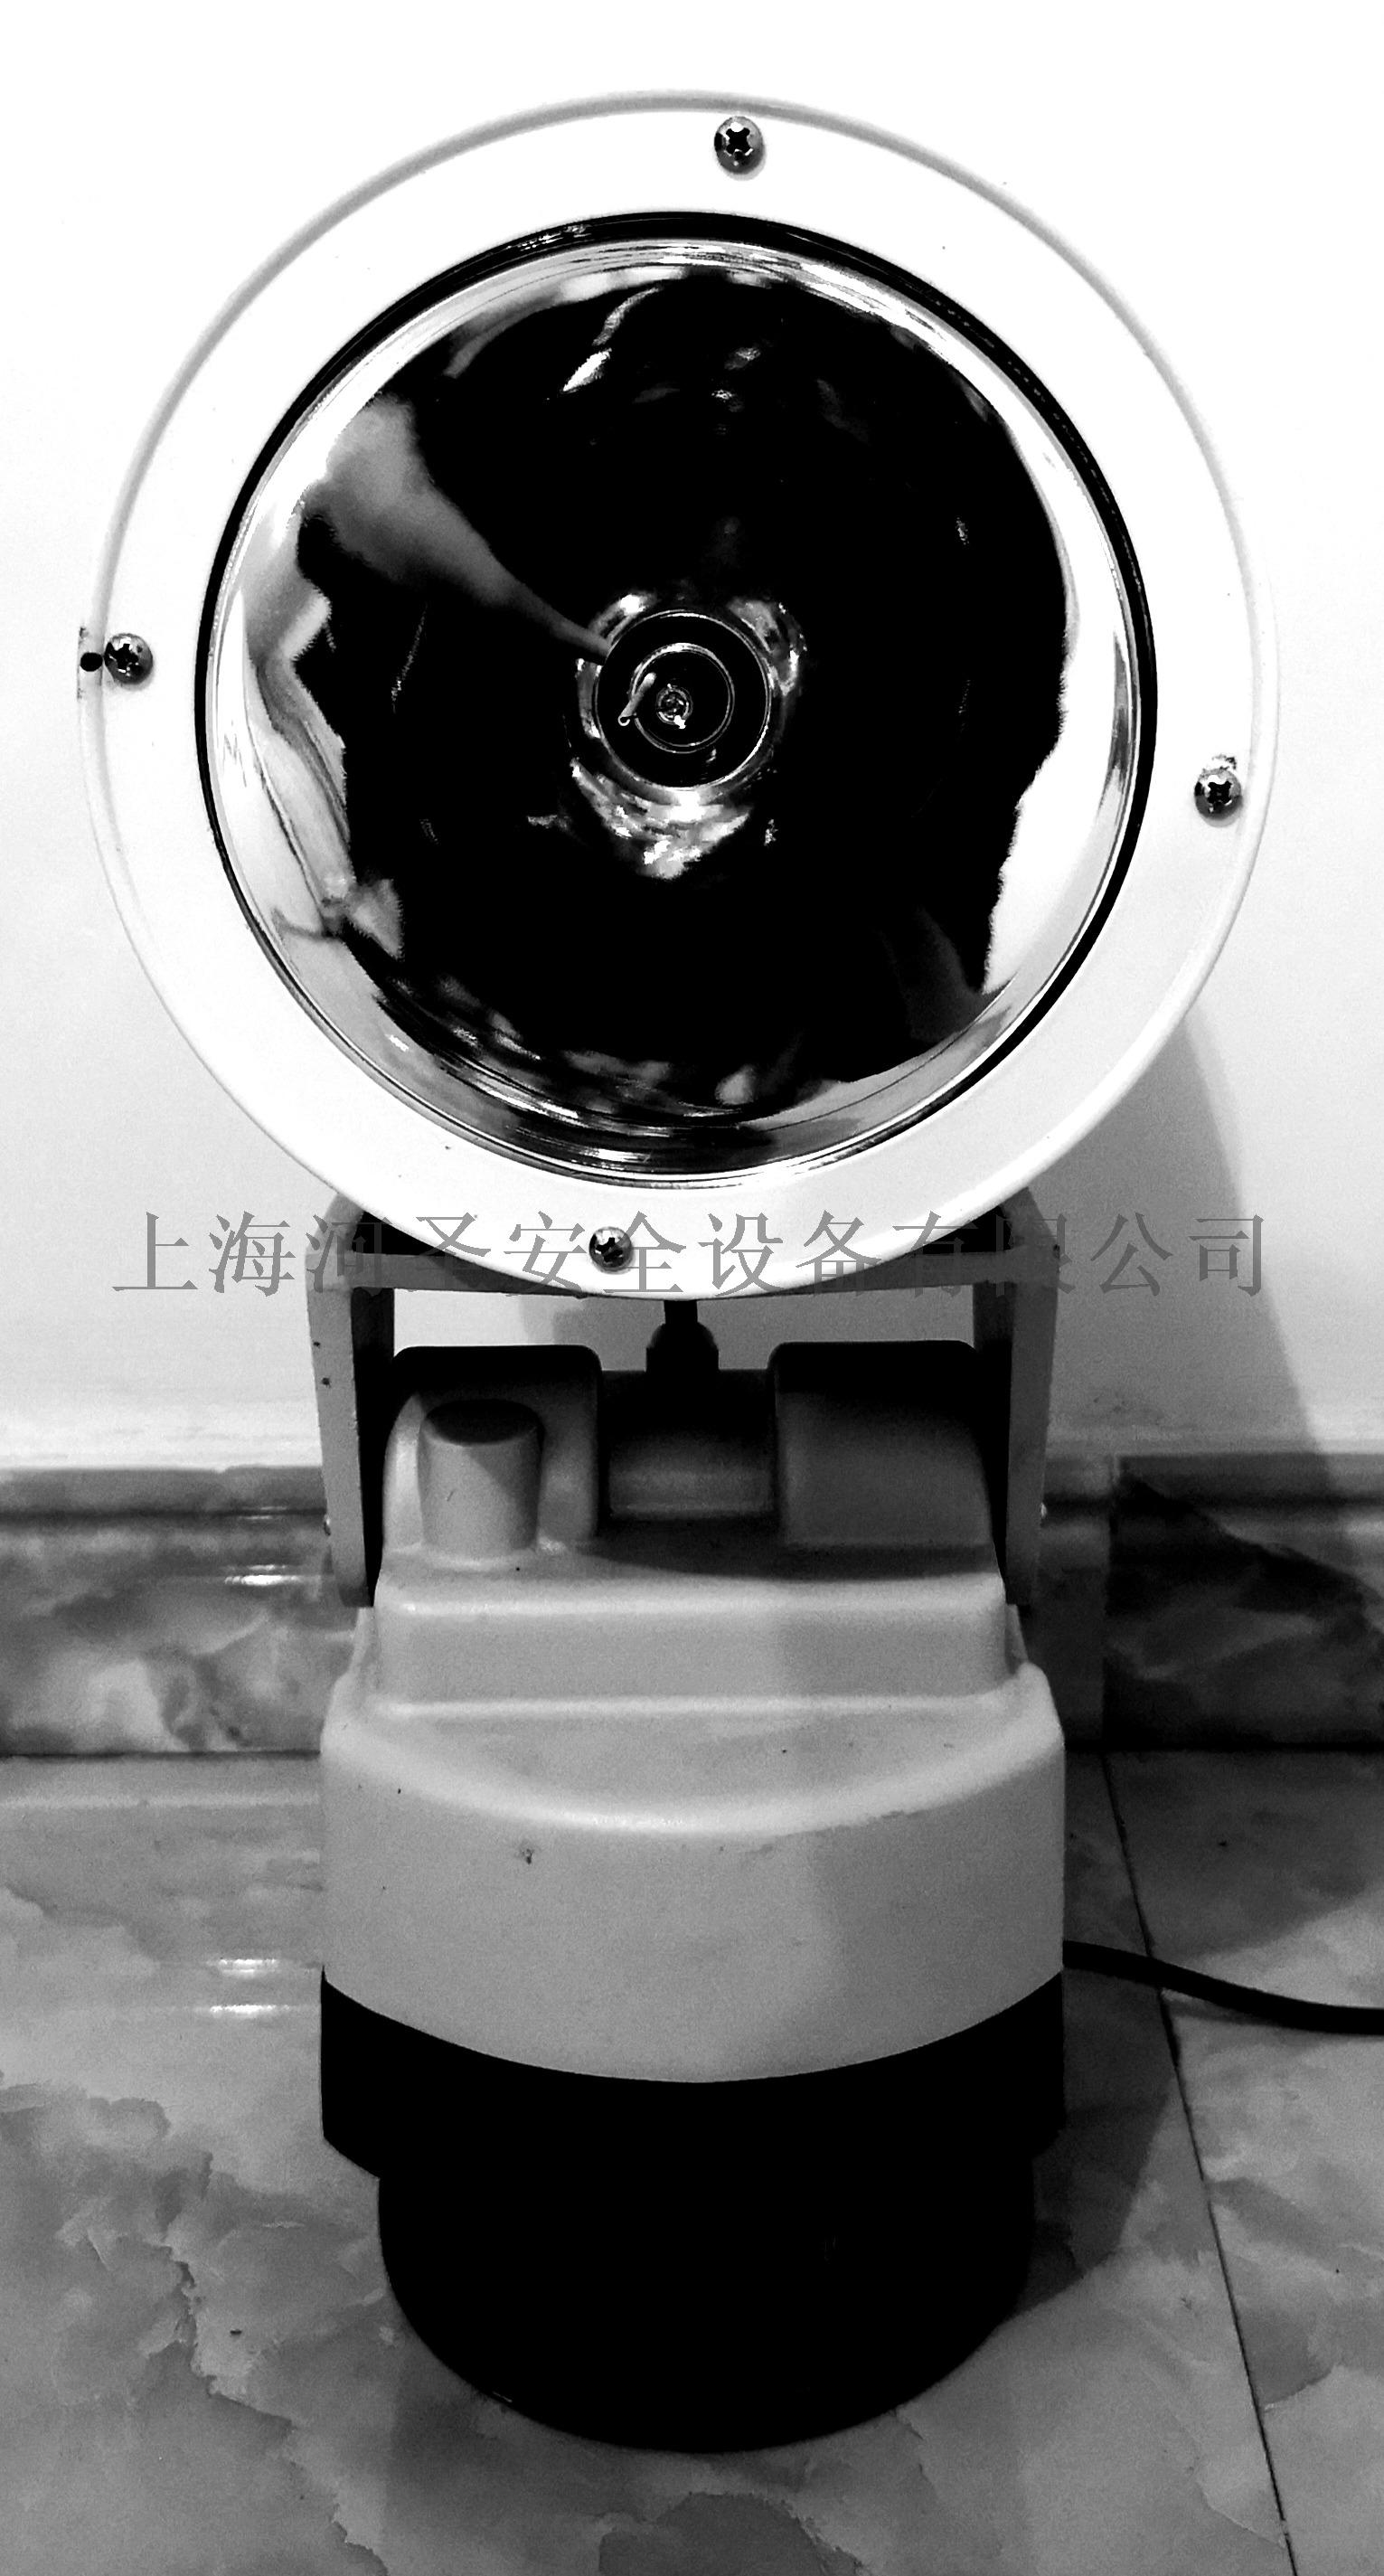 上海河聖WD-18-360D型車載應急升降照明設備85131992